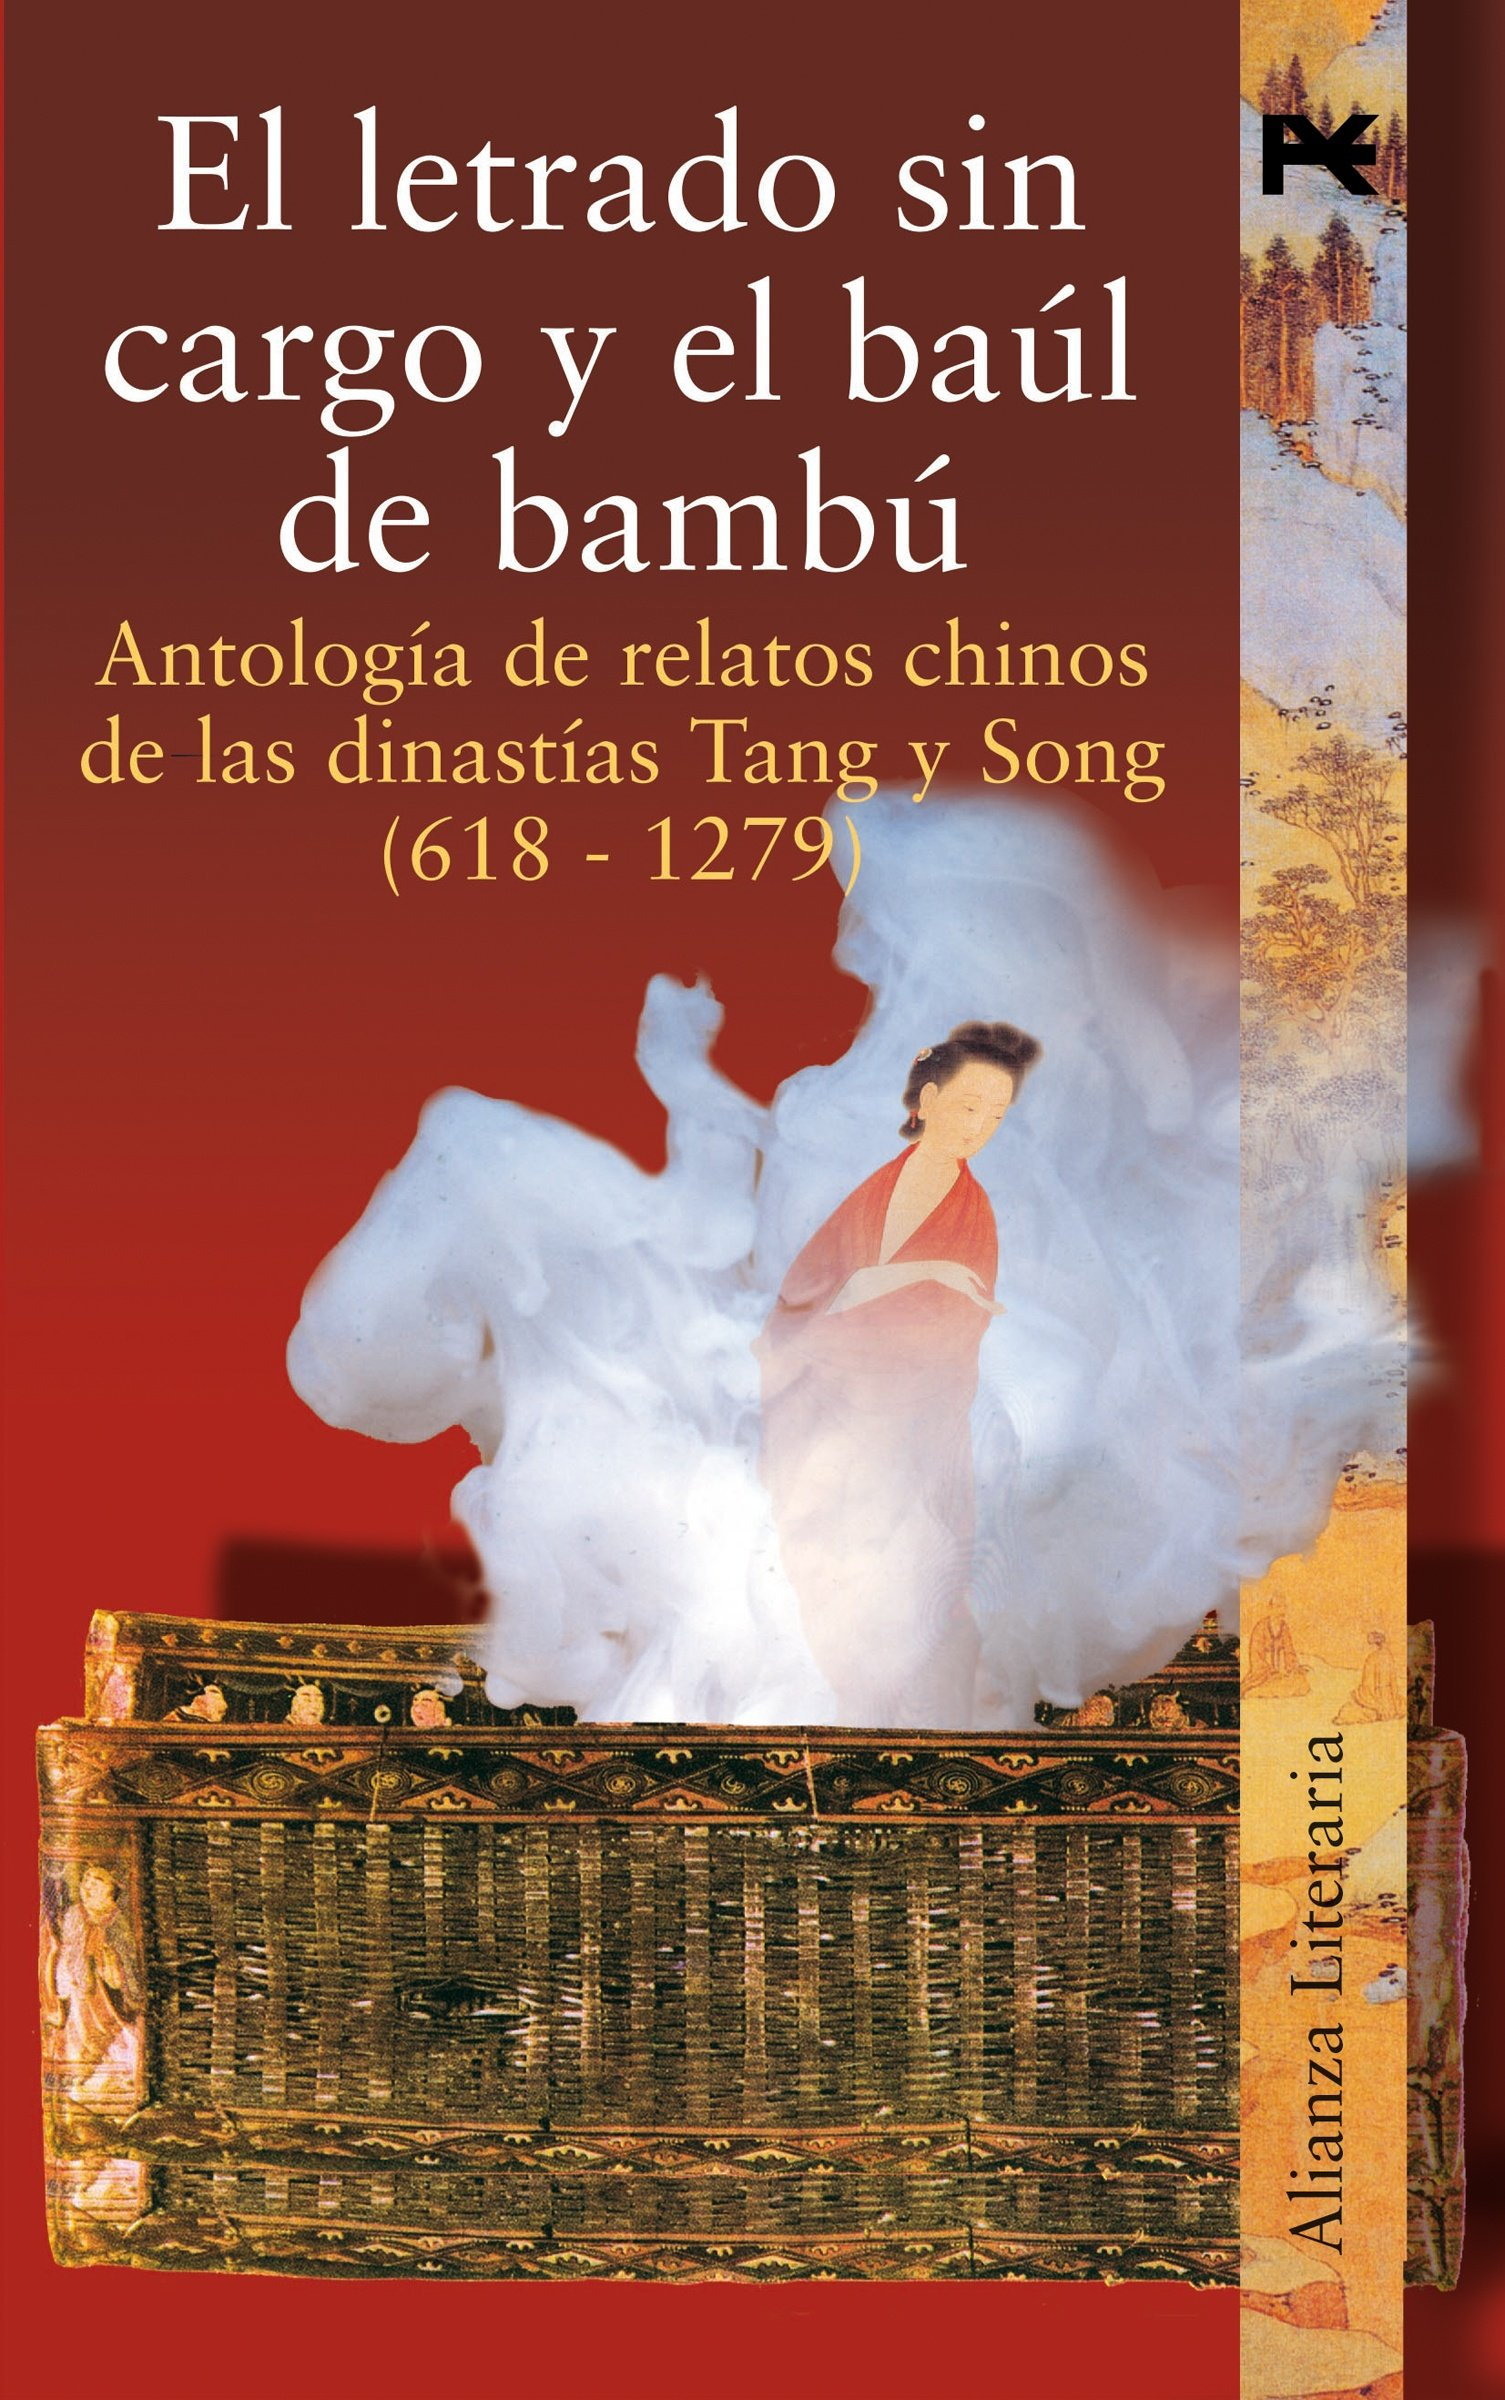 El letrado sin cargo y el baúl de bambú: Antología de relatos chinos de las dinastías Tang y Song (618-1279) (Alianza Literaria (AL) nº 3472093)